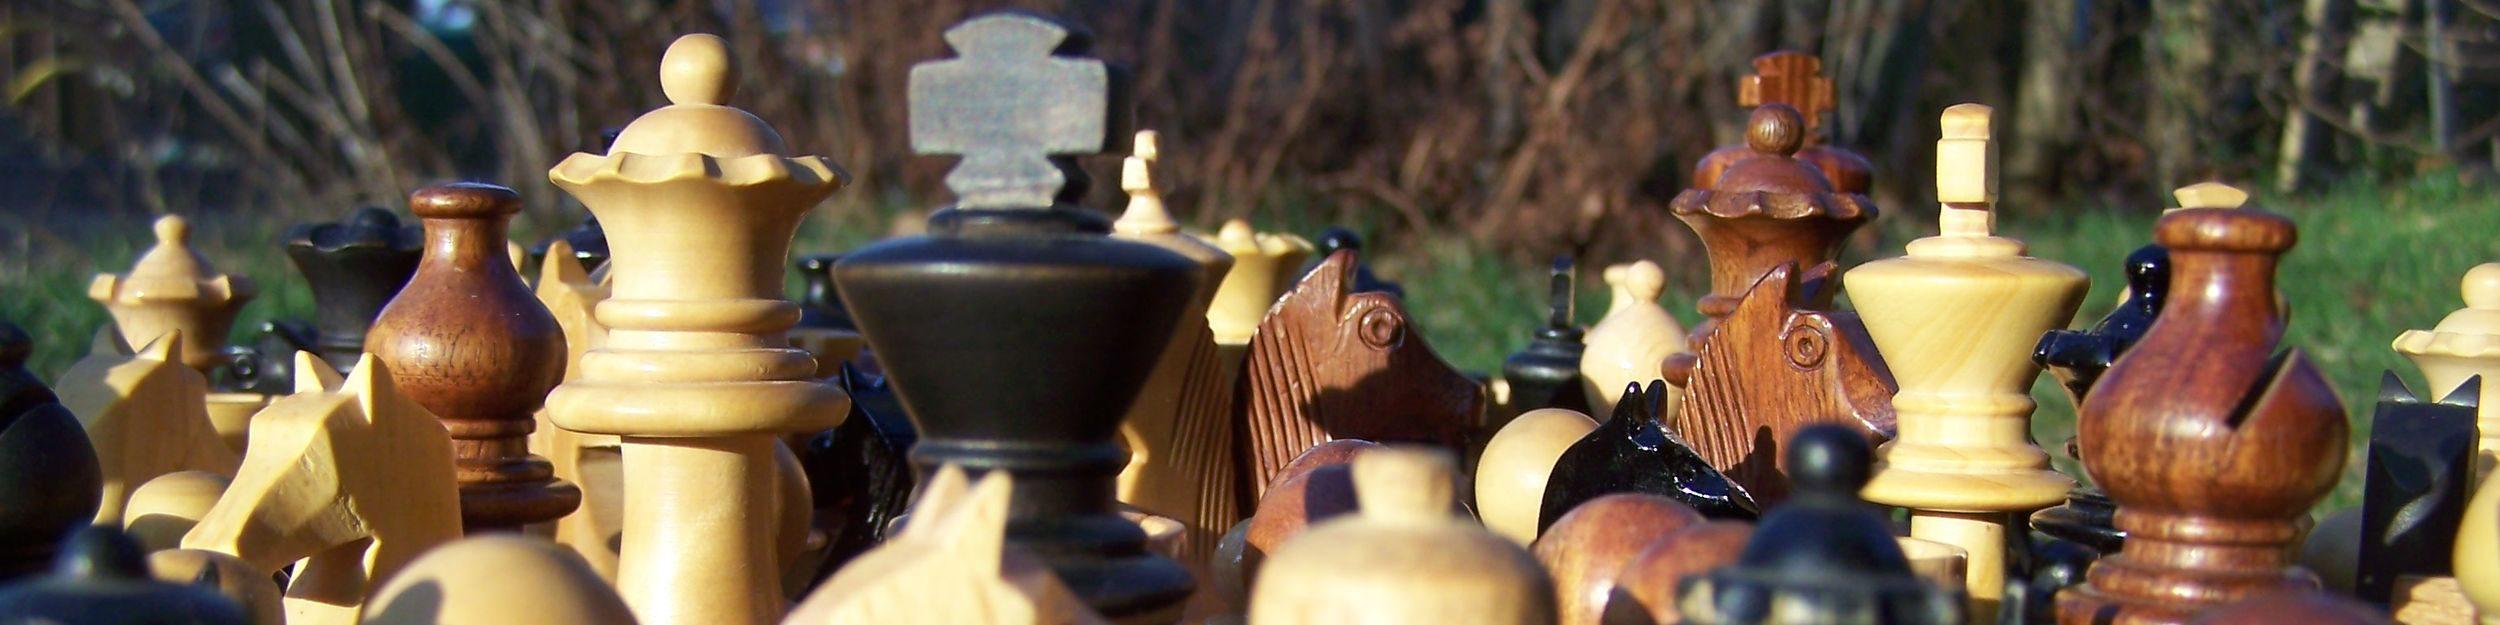 Zitadelle – Schach in Spandau